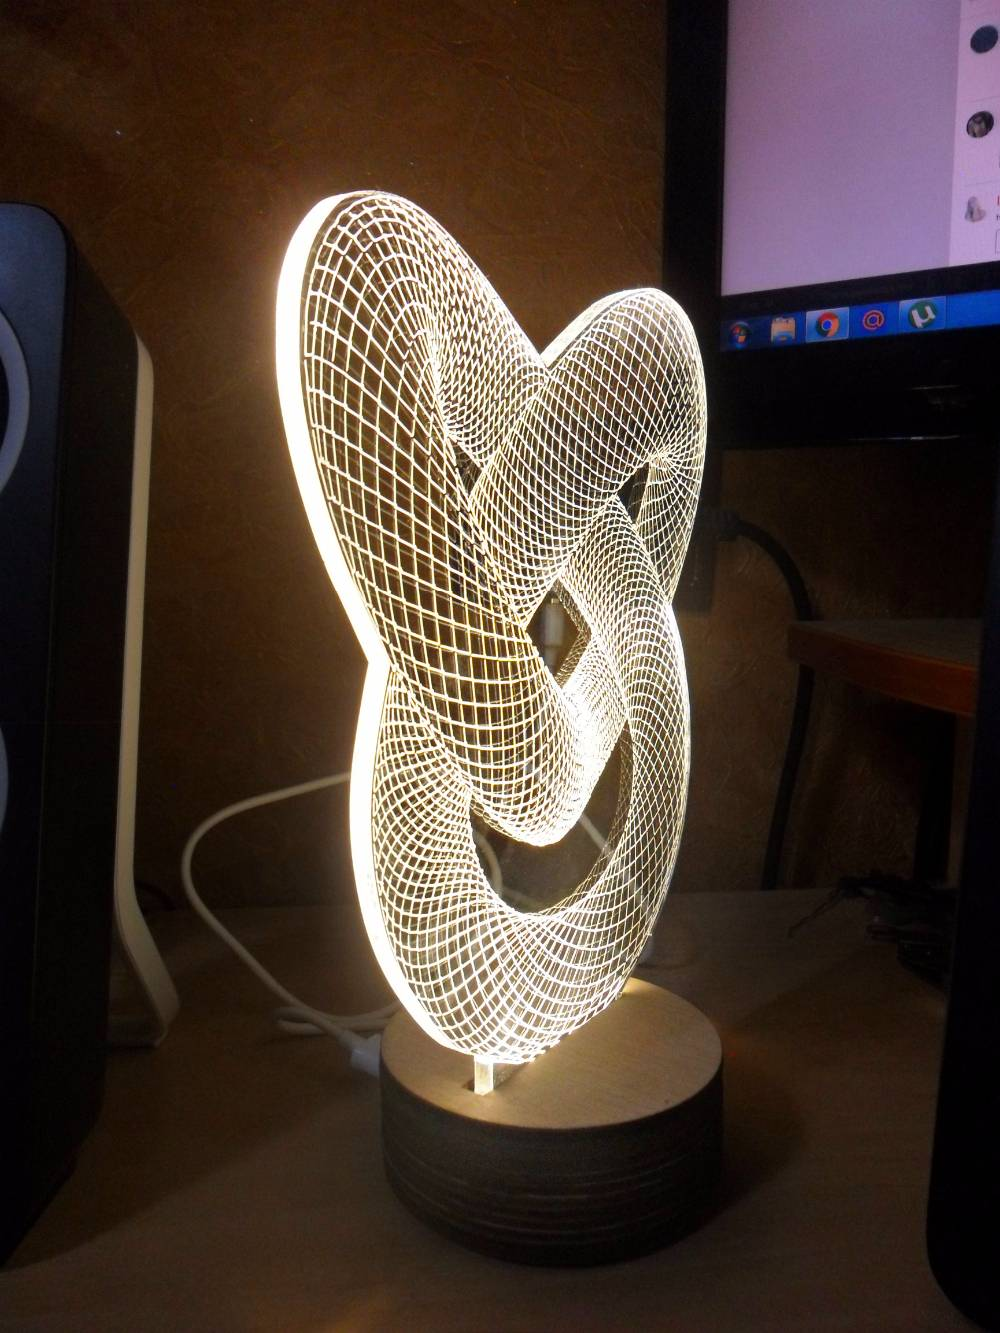 Как изготовить светящиеся картинки из оргстекла. делаем светильники из оргстекла несколько принципов работы с оргстеклом